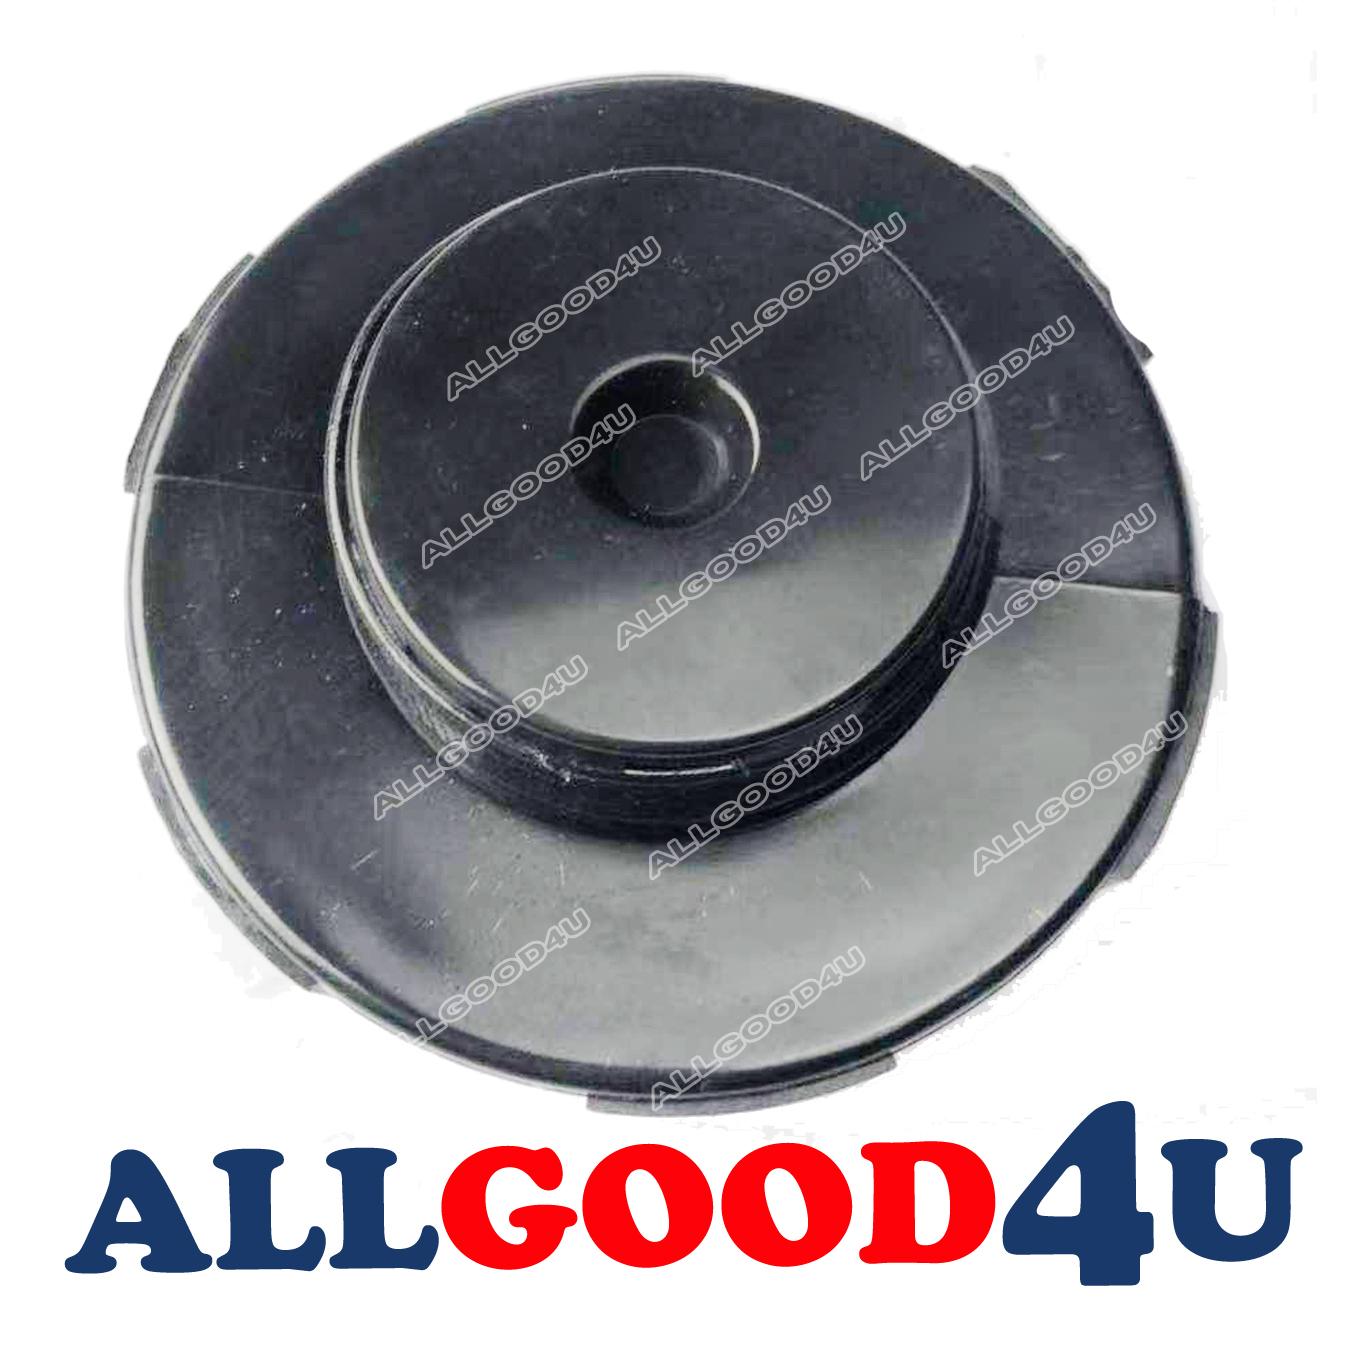 DF1D9554 Hydraulic Oil Vent Cap 6727475 Fits Bobcat T300 T320 T450 T550 T590